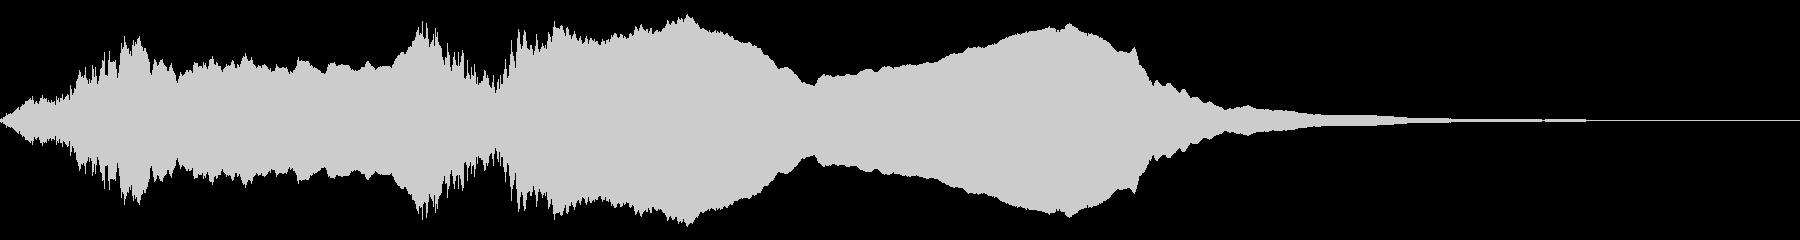 ホラ貝の効果音(合戦、和風の演出などに)の未再生の波形